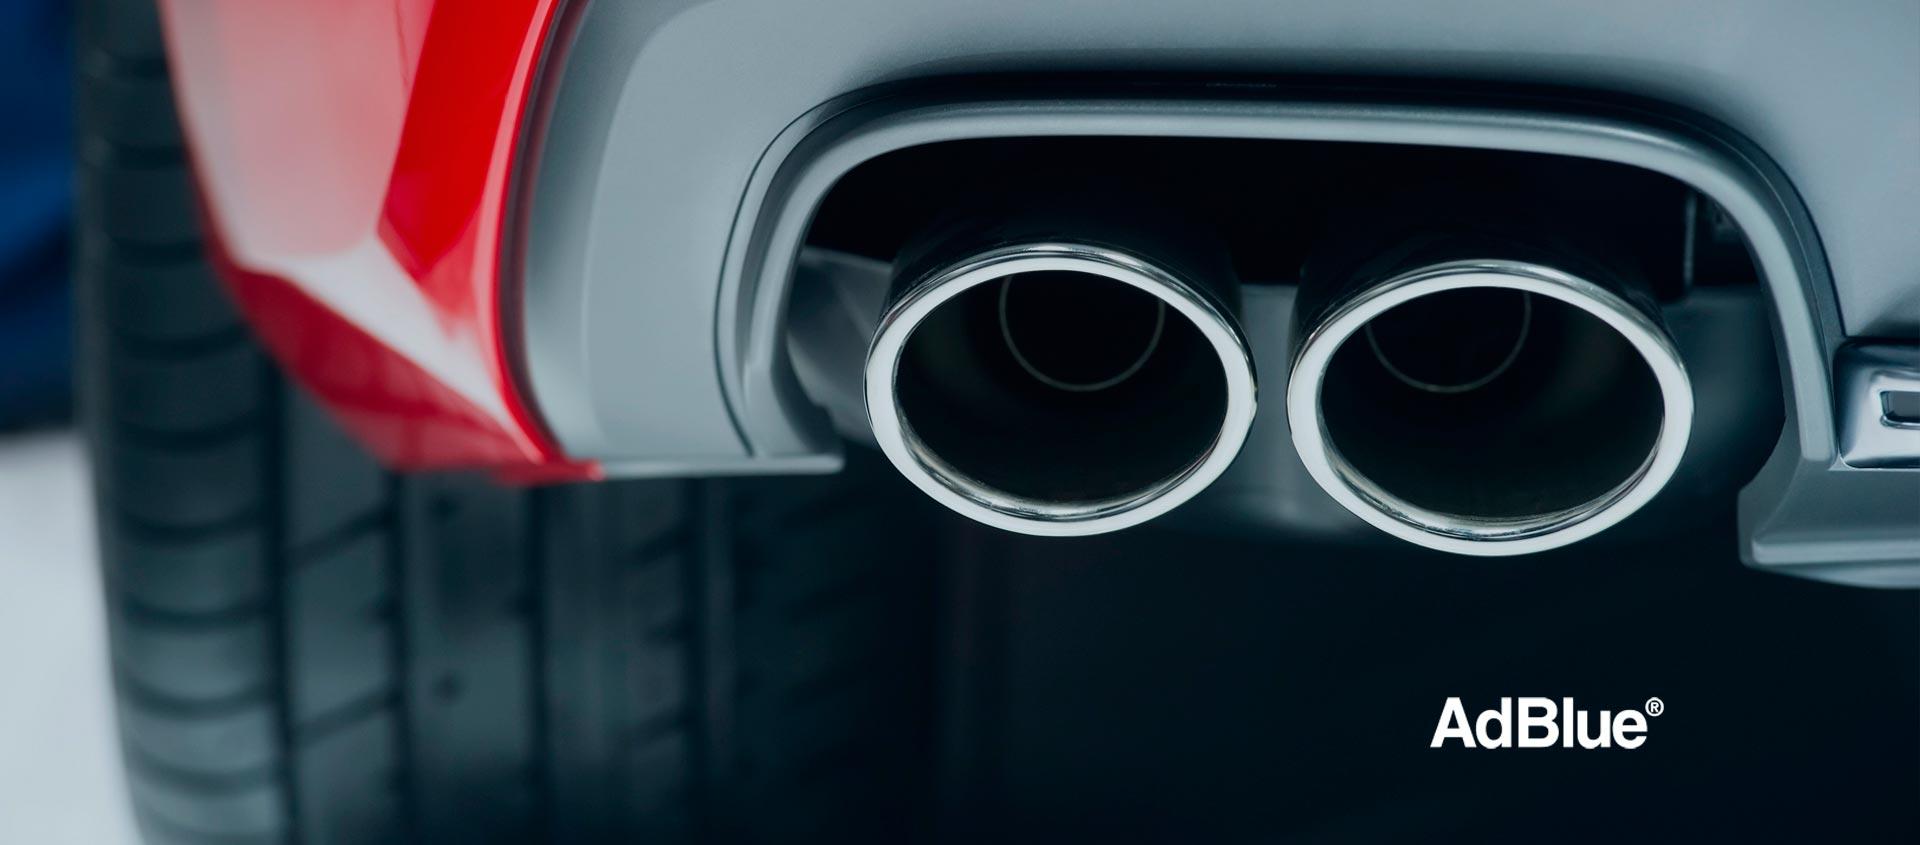 Añade AdBlue® a tu vehículo para mejorar tu motor y el medio ambiente